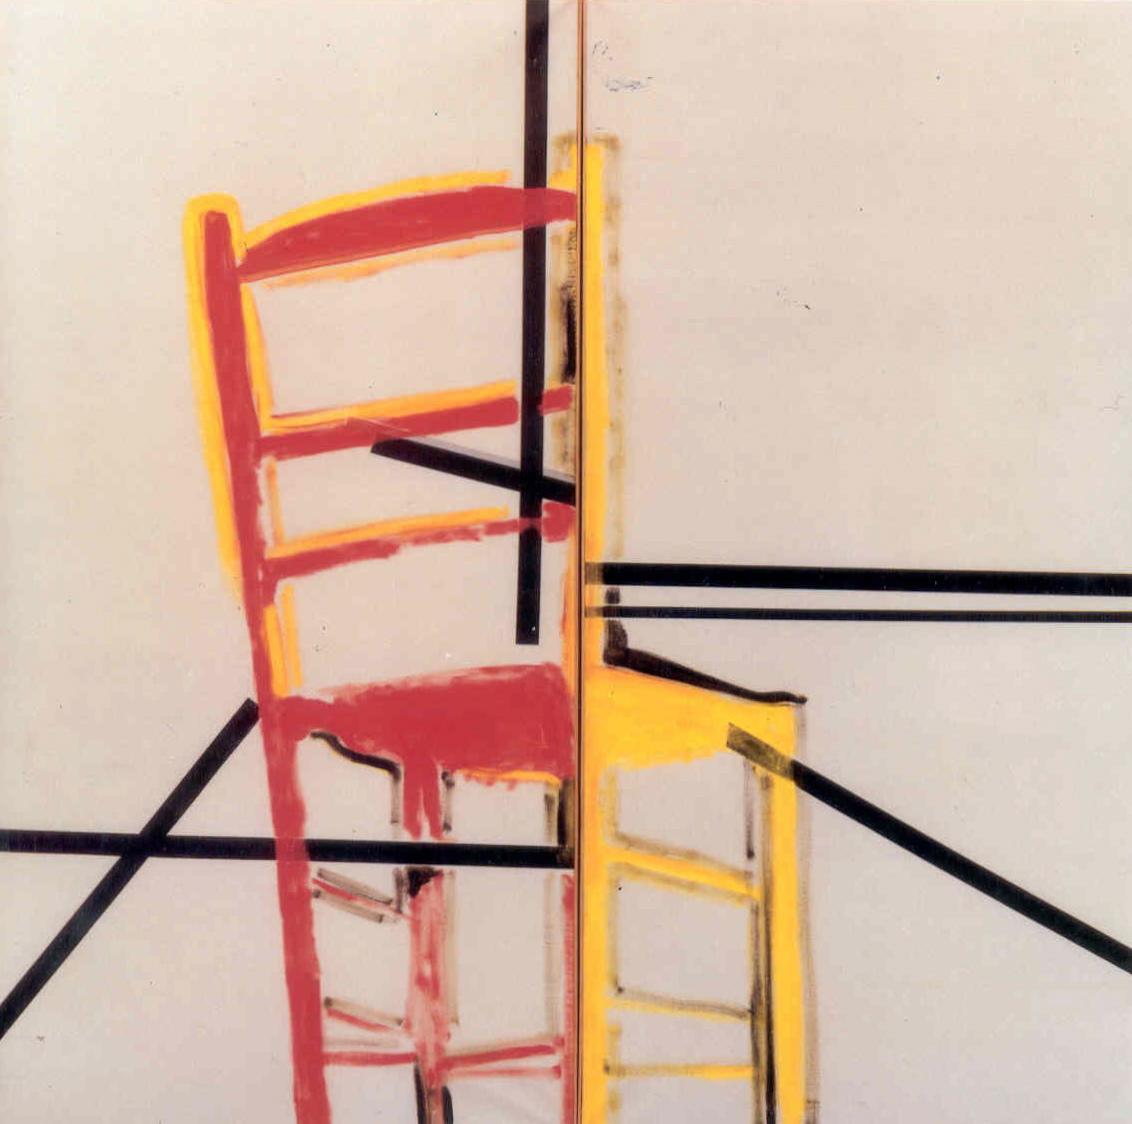 """senza titolo, dalla serie """"Senso operante"""", 1965, tempera acrilica e nastro adesivo su tela, cm 190 x 380  untitled, from the series """"Senso operante"""", 1965, acrylic tempera and adhesive tape on canvas, cm 190 x 380"""